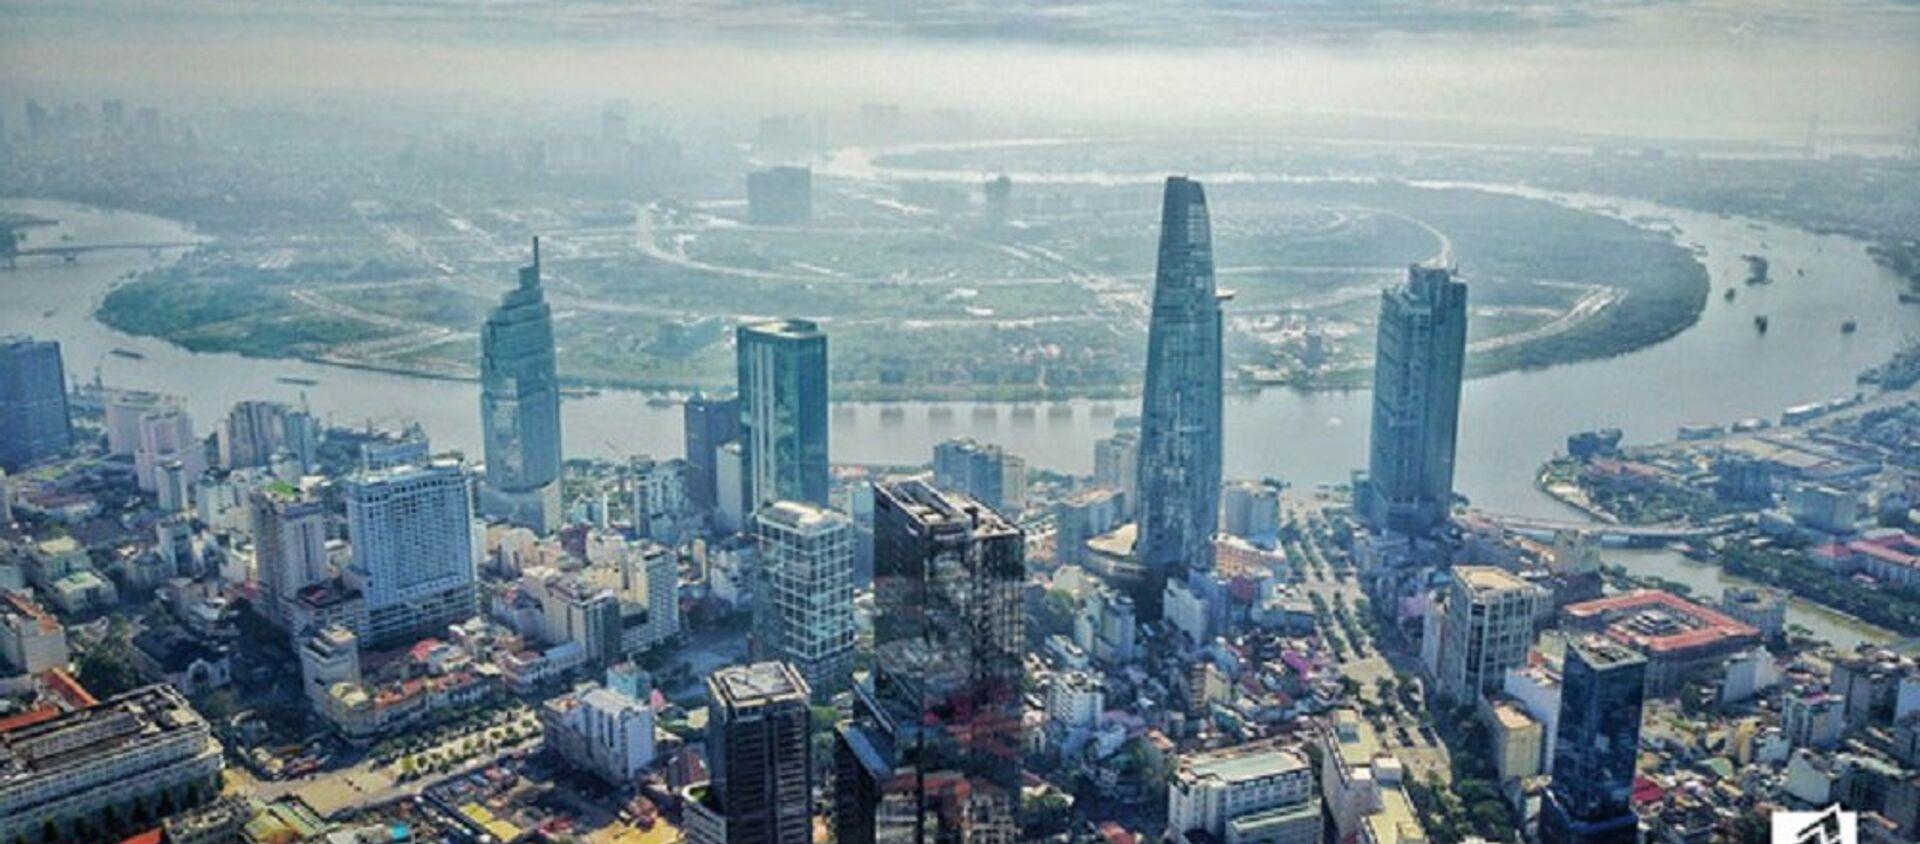 Đây là một trong 4 tòa nhà cao nhất TP.HCM hiện nay - Sputnik Việt Nam, 1920, 23.05.2018